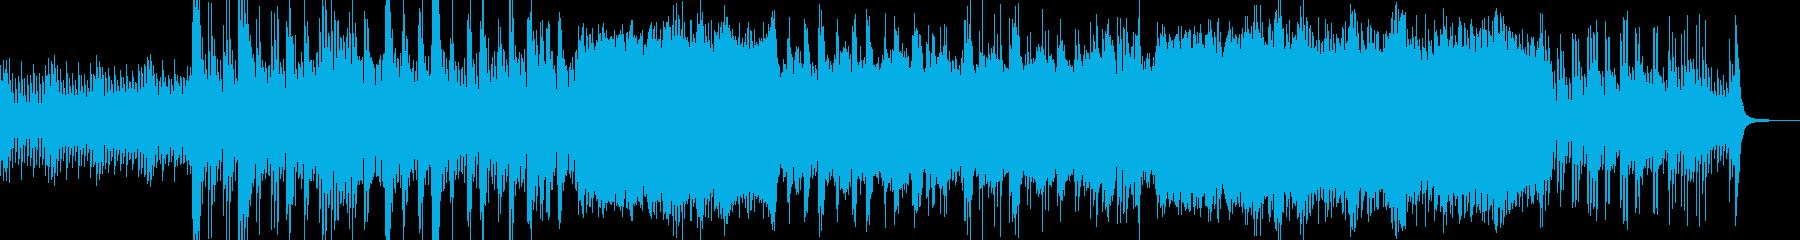 春の桜風情のピアノBGMの再生済みの波形